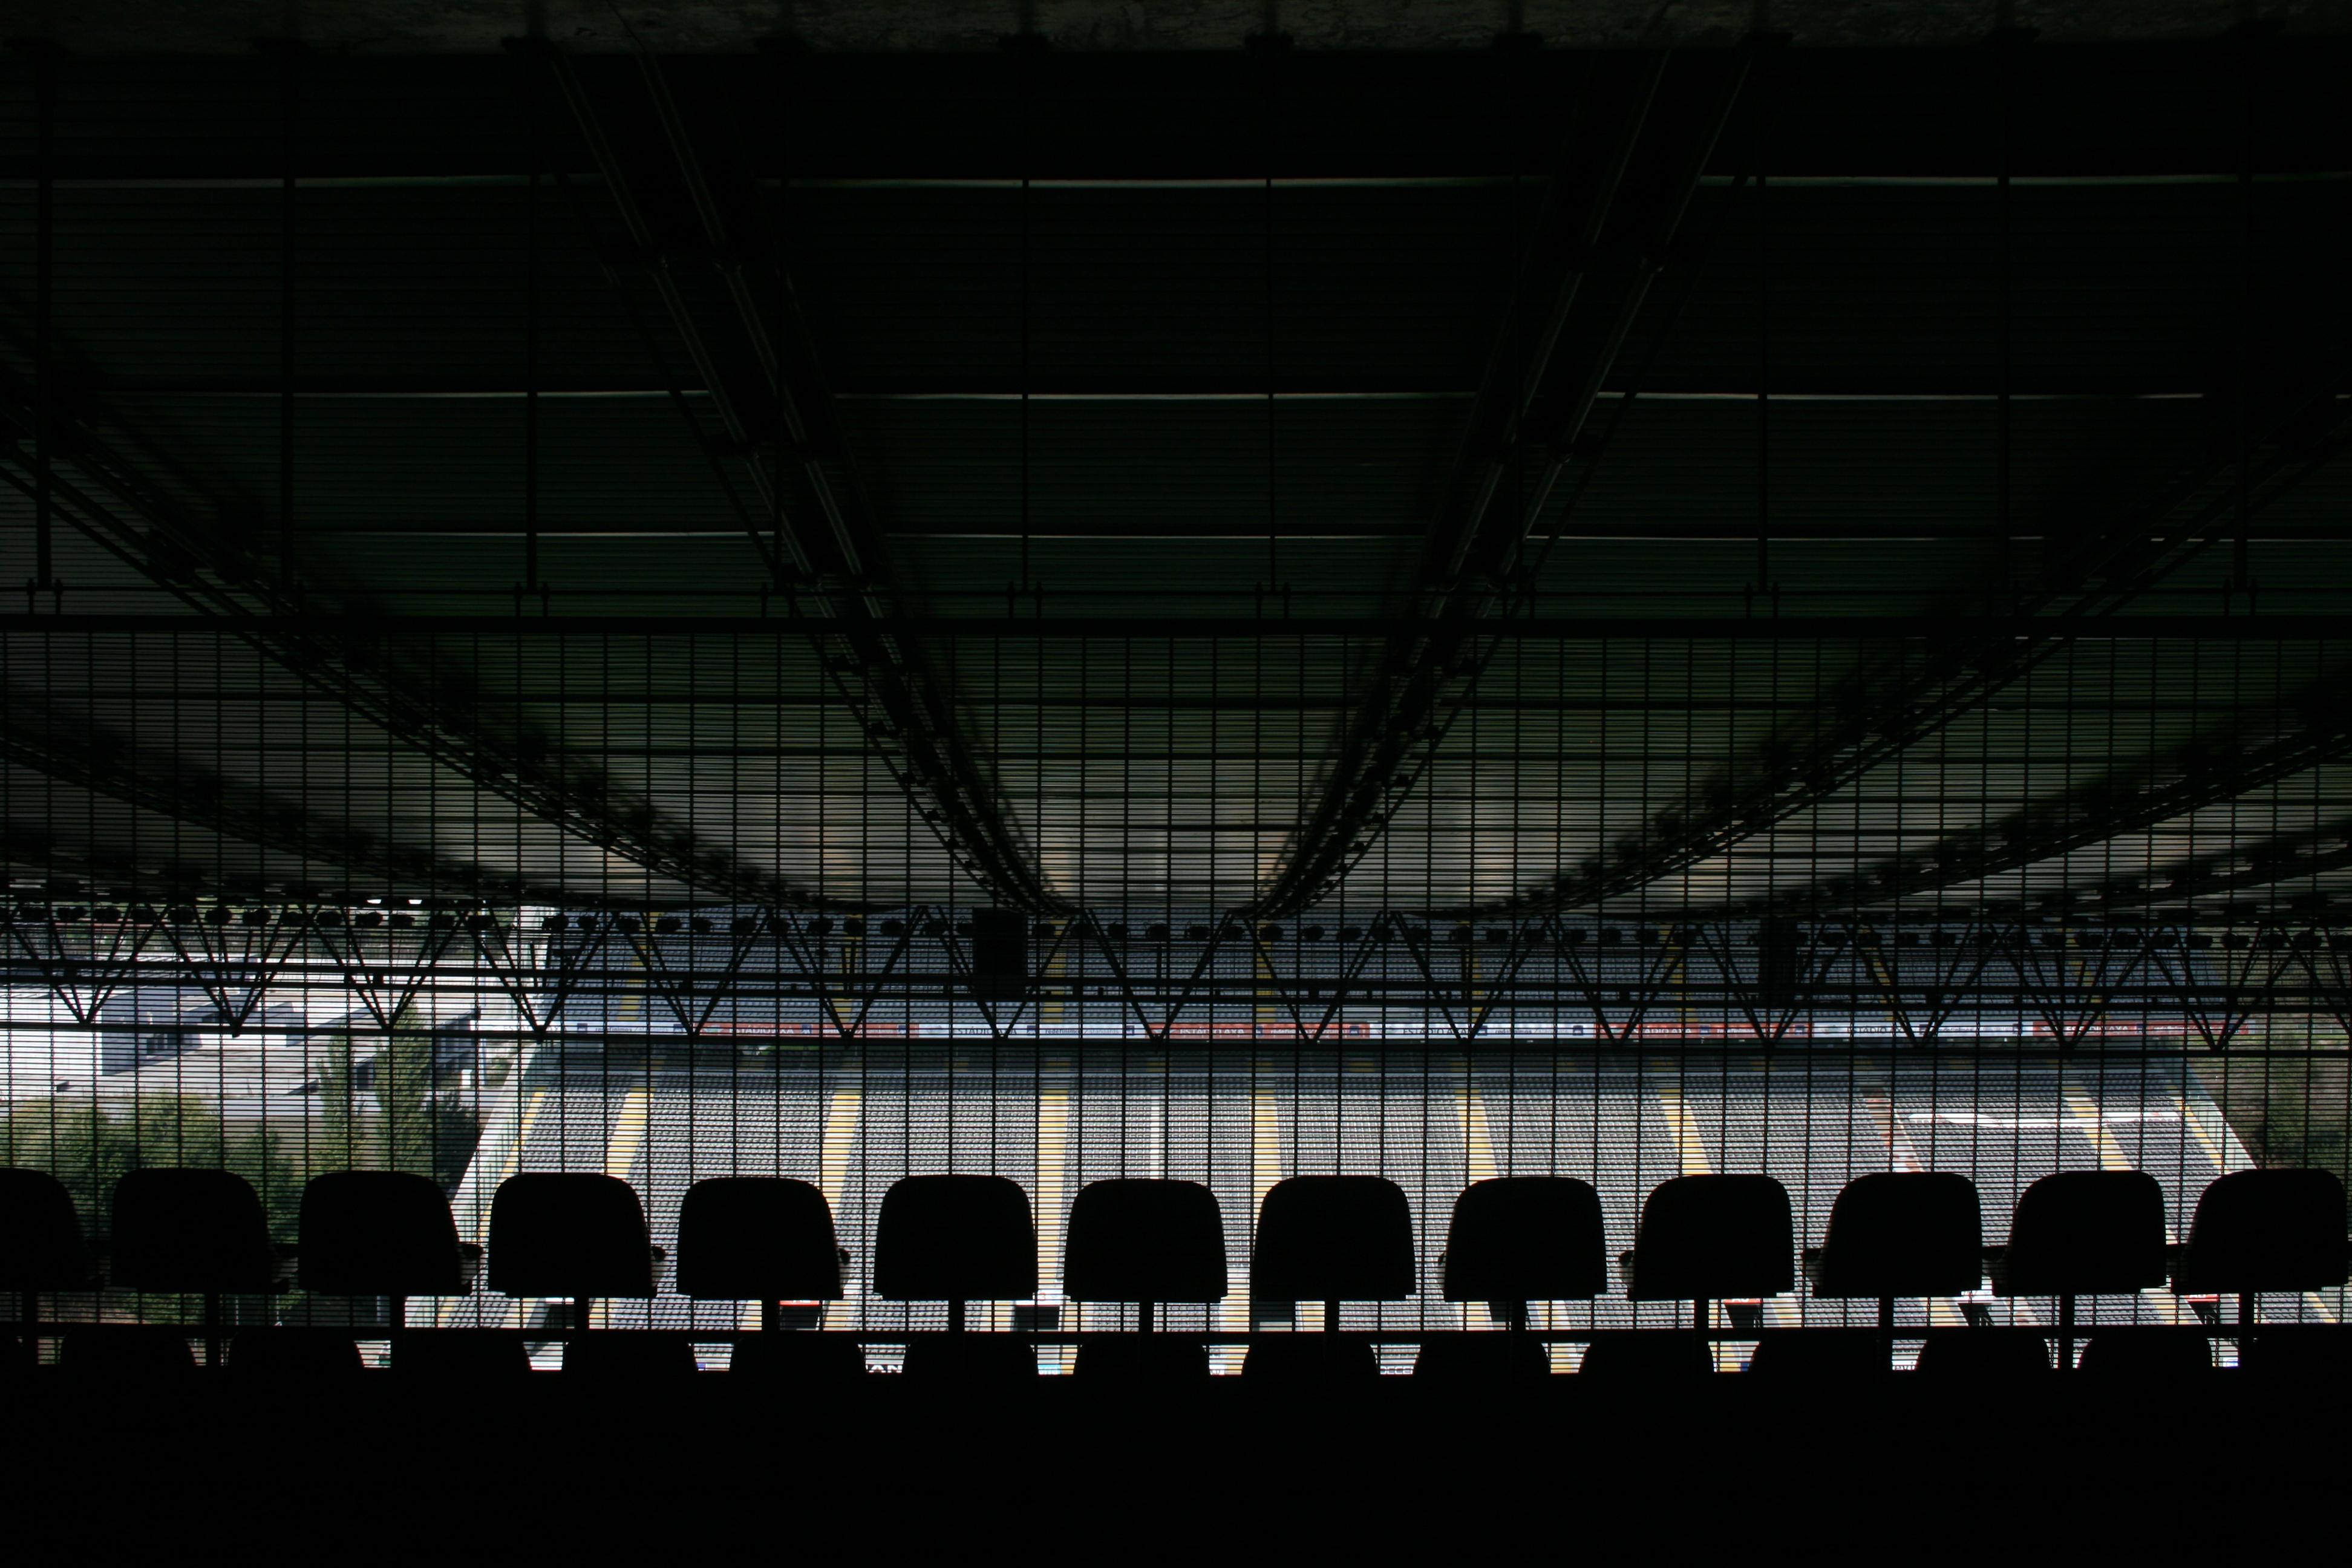 Estadio de Braga. Souto de Moura